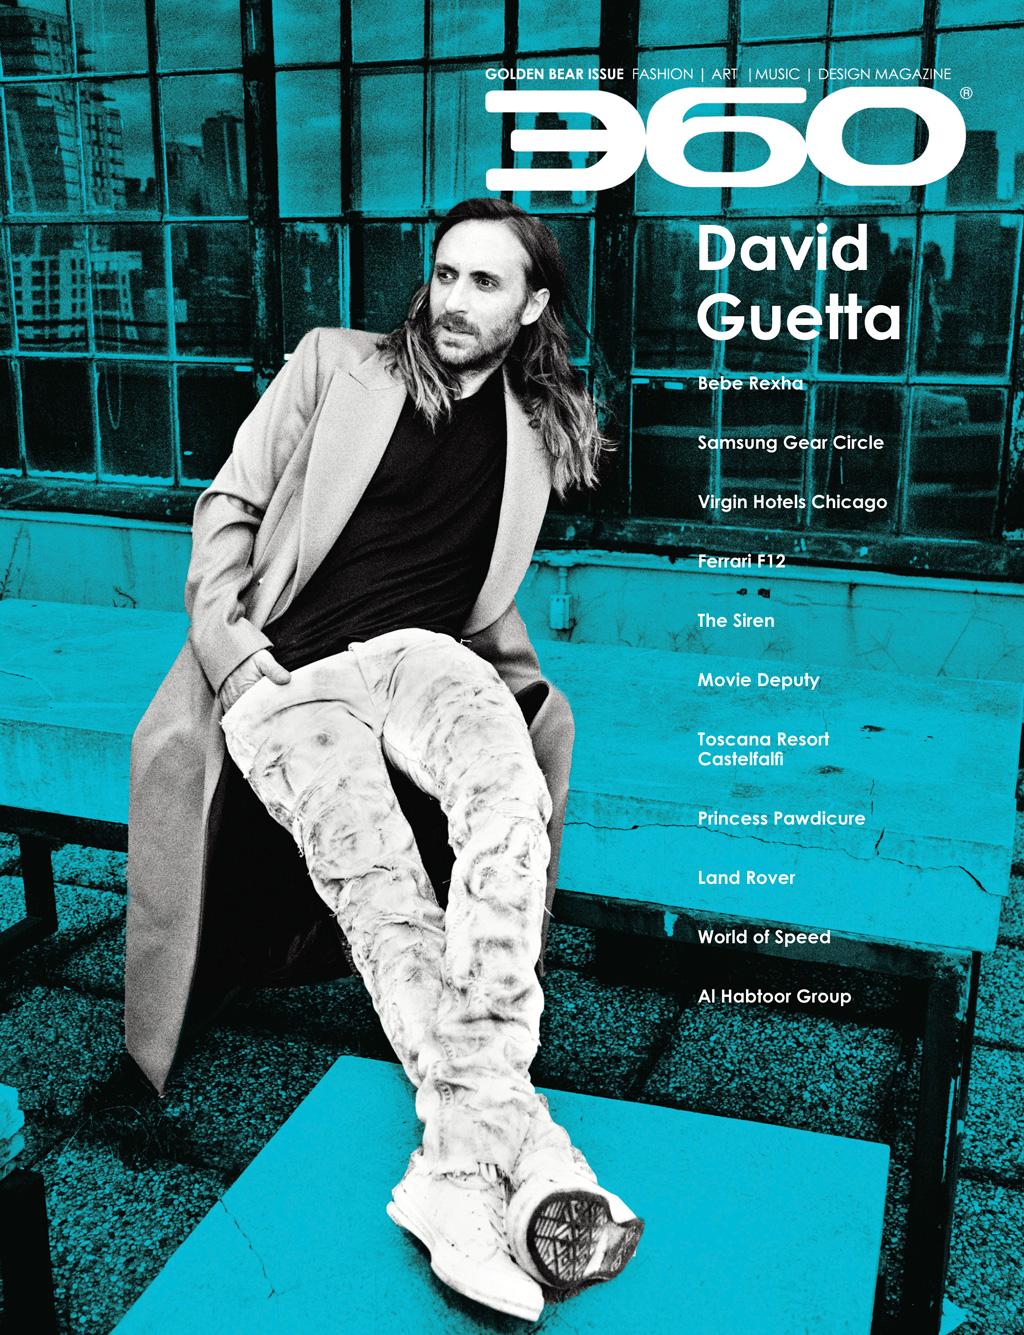 360 Issue 5 – David Guetta